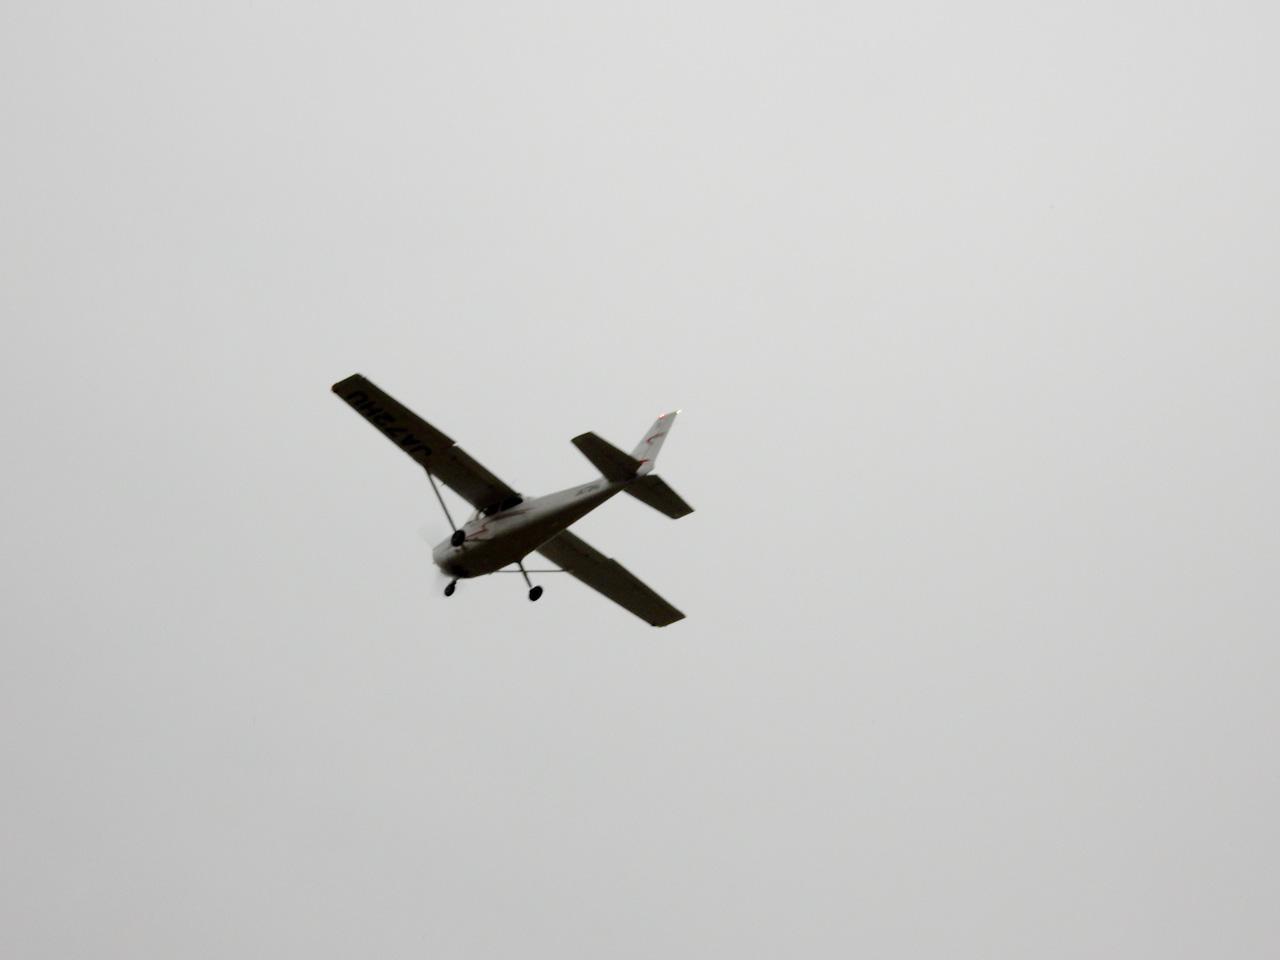 荒川サイクリングロード ホンダエアポート セスナ離陸